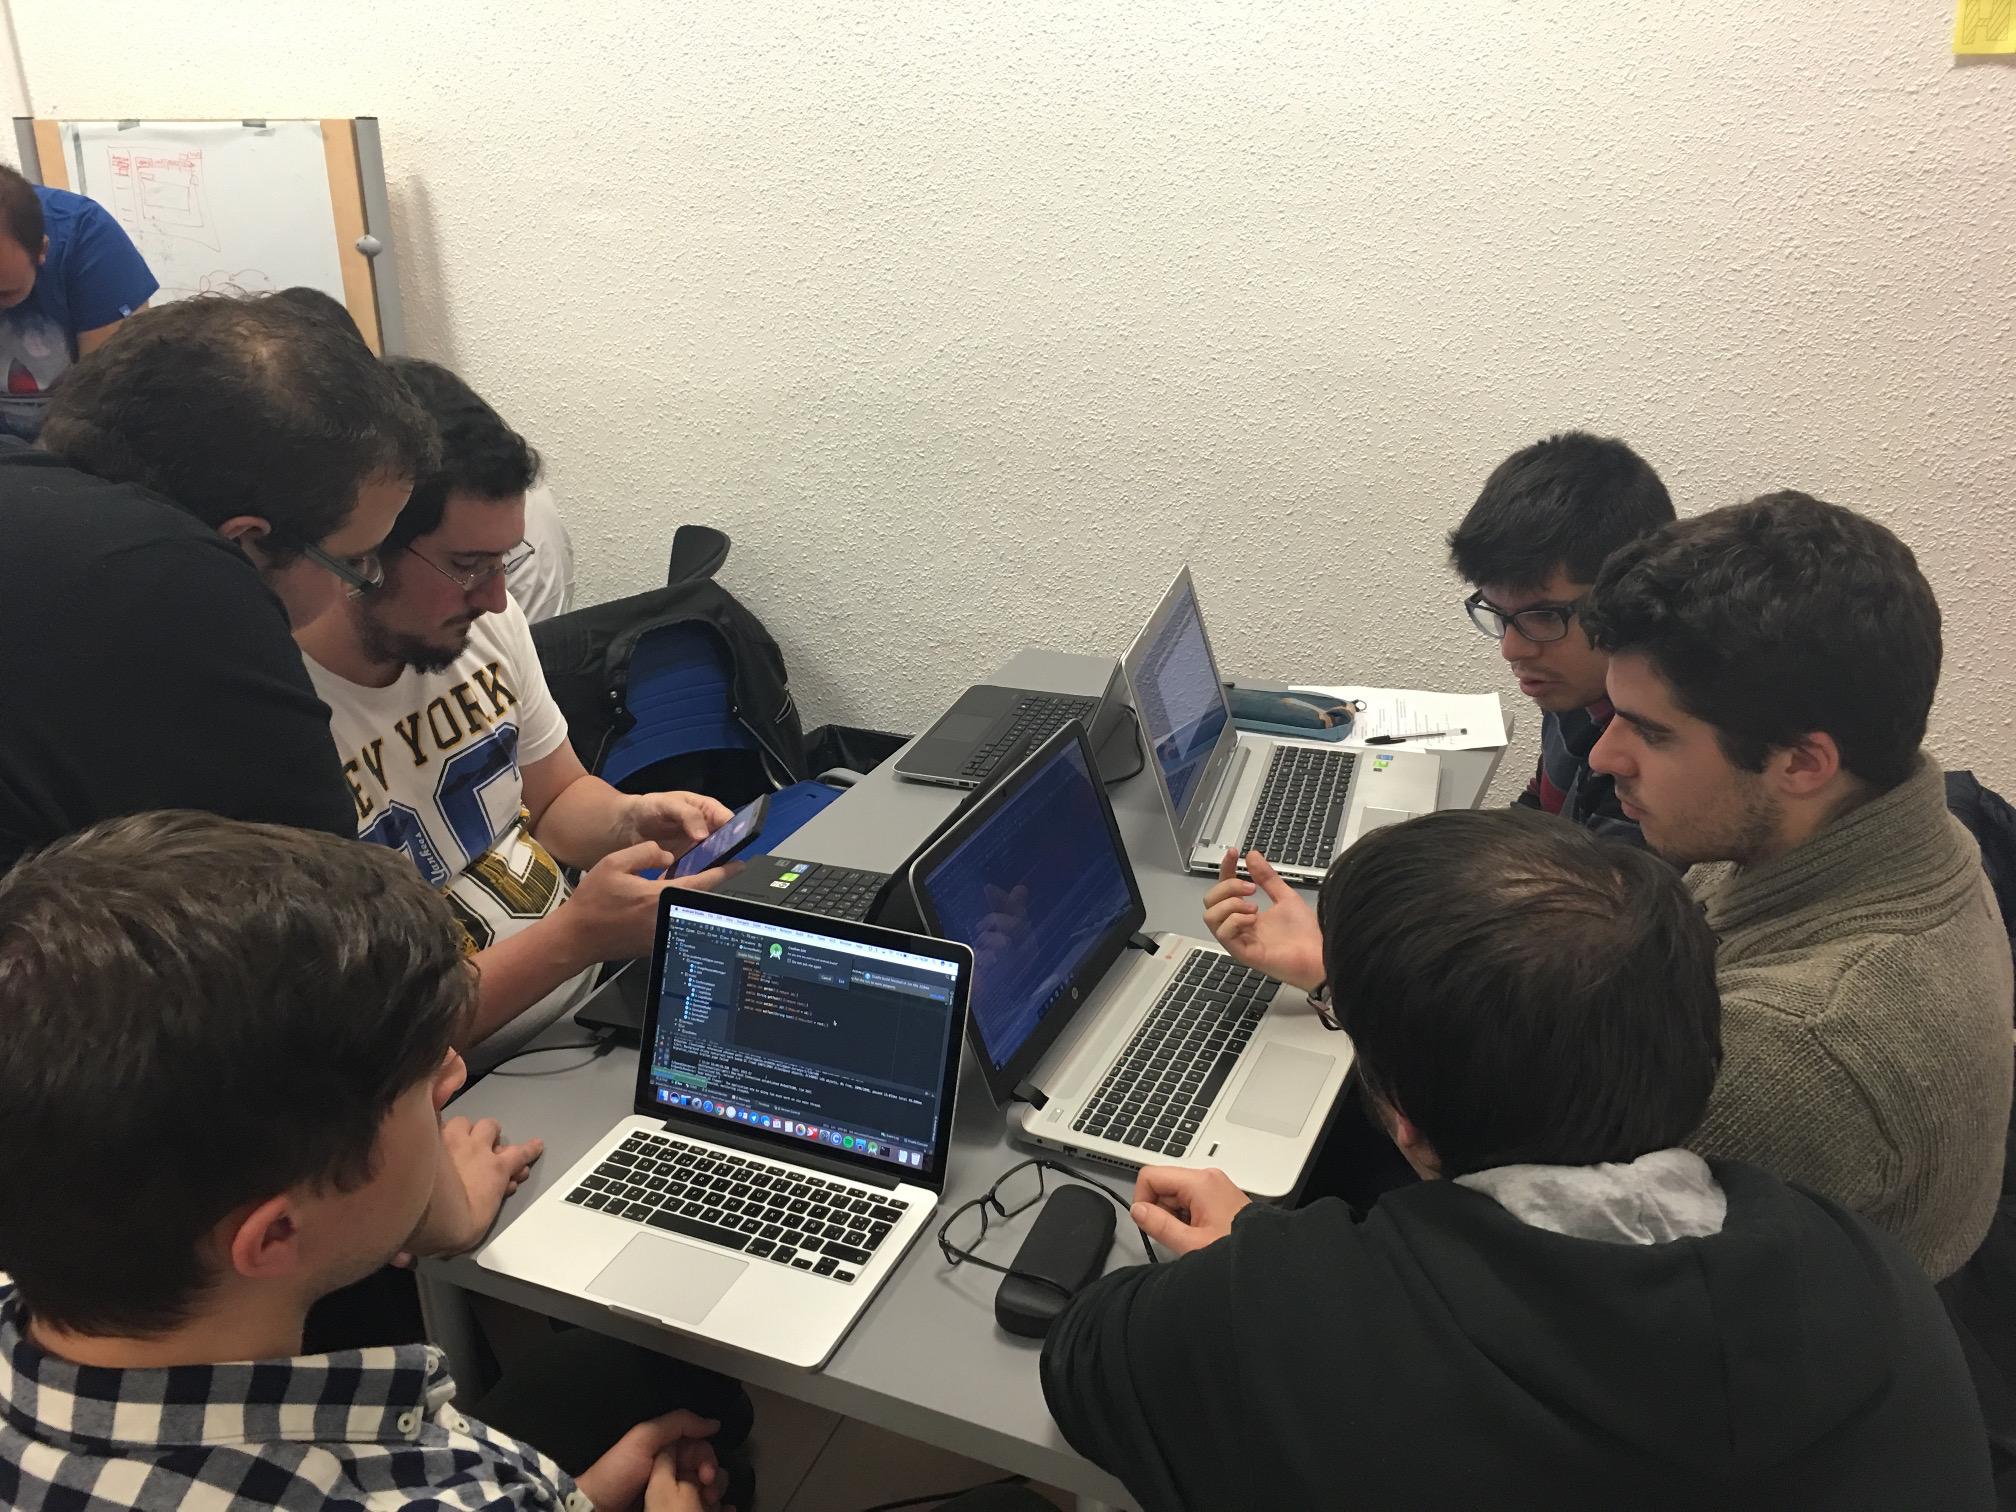 codificando en equipo